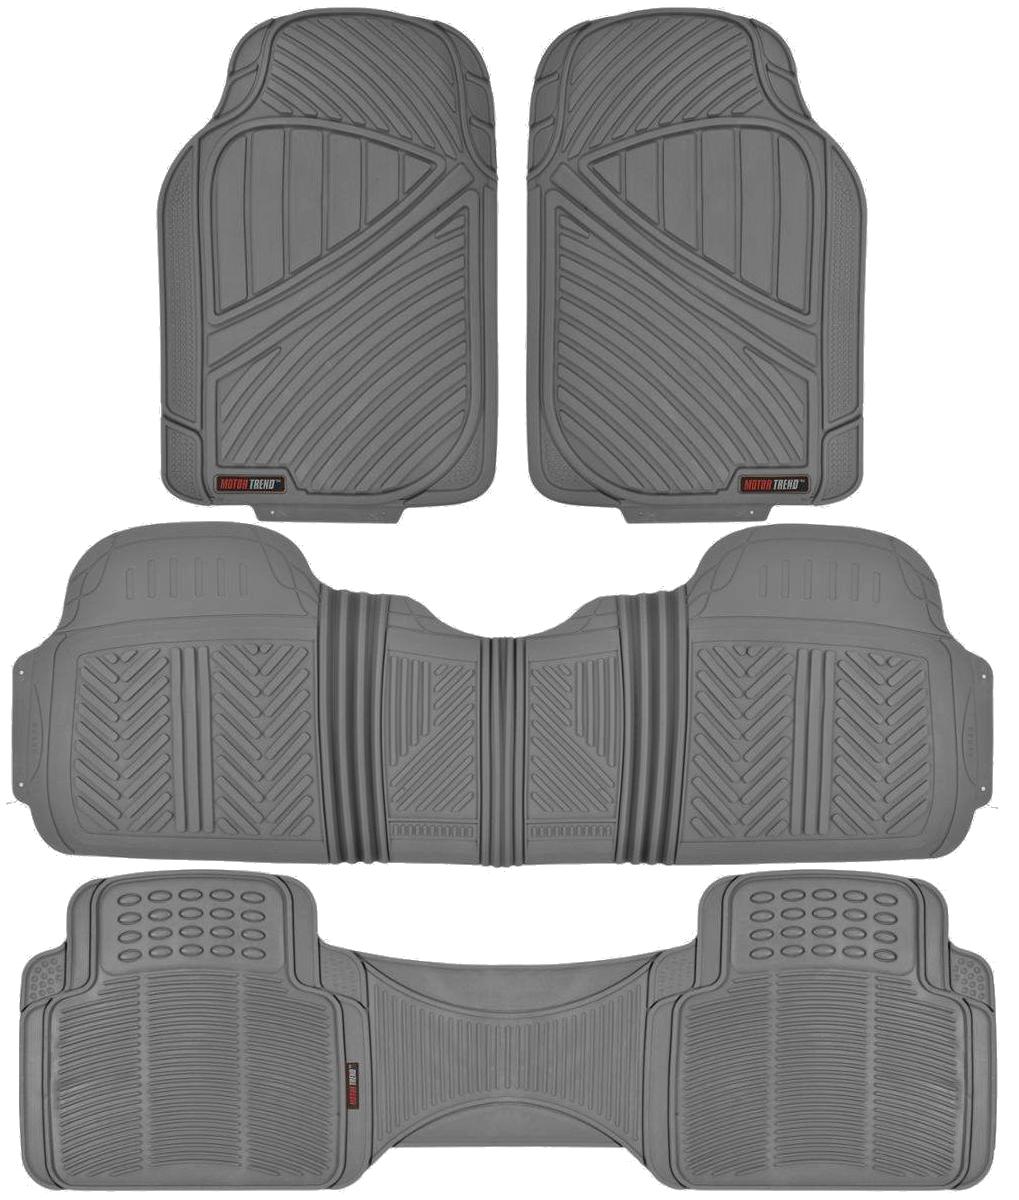 Motor trend max duty van truck floor mats gray odorless for Motor trend floor mats review